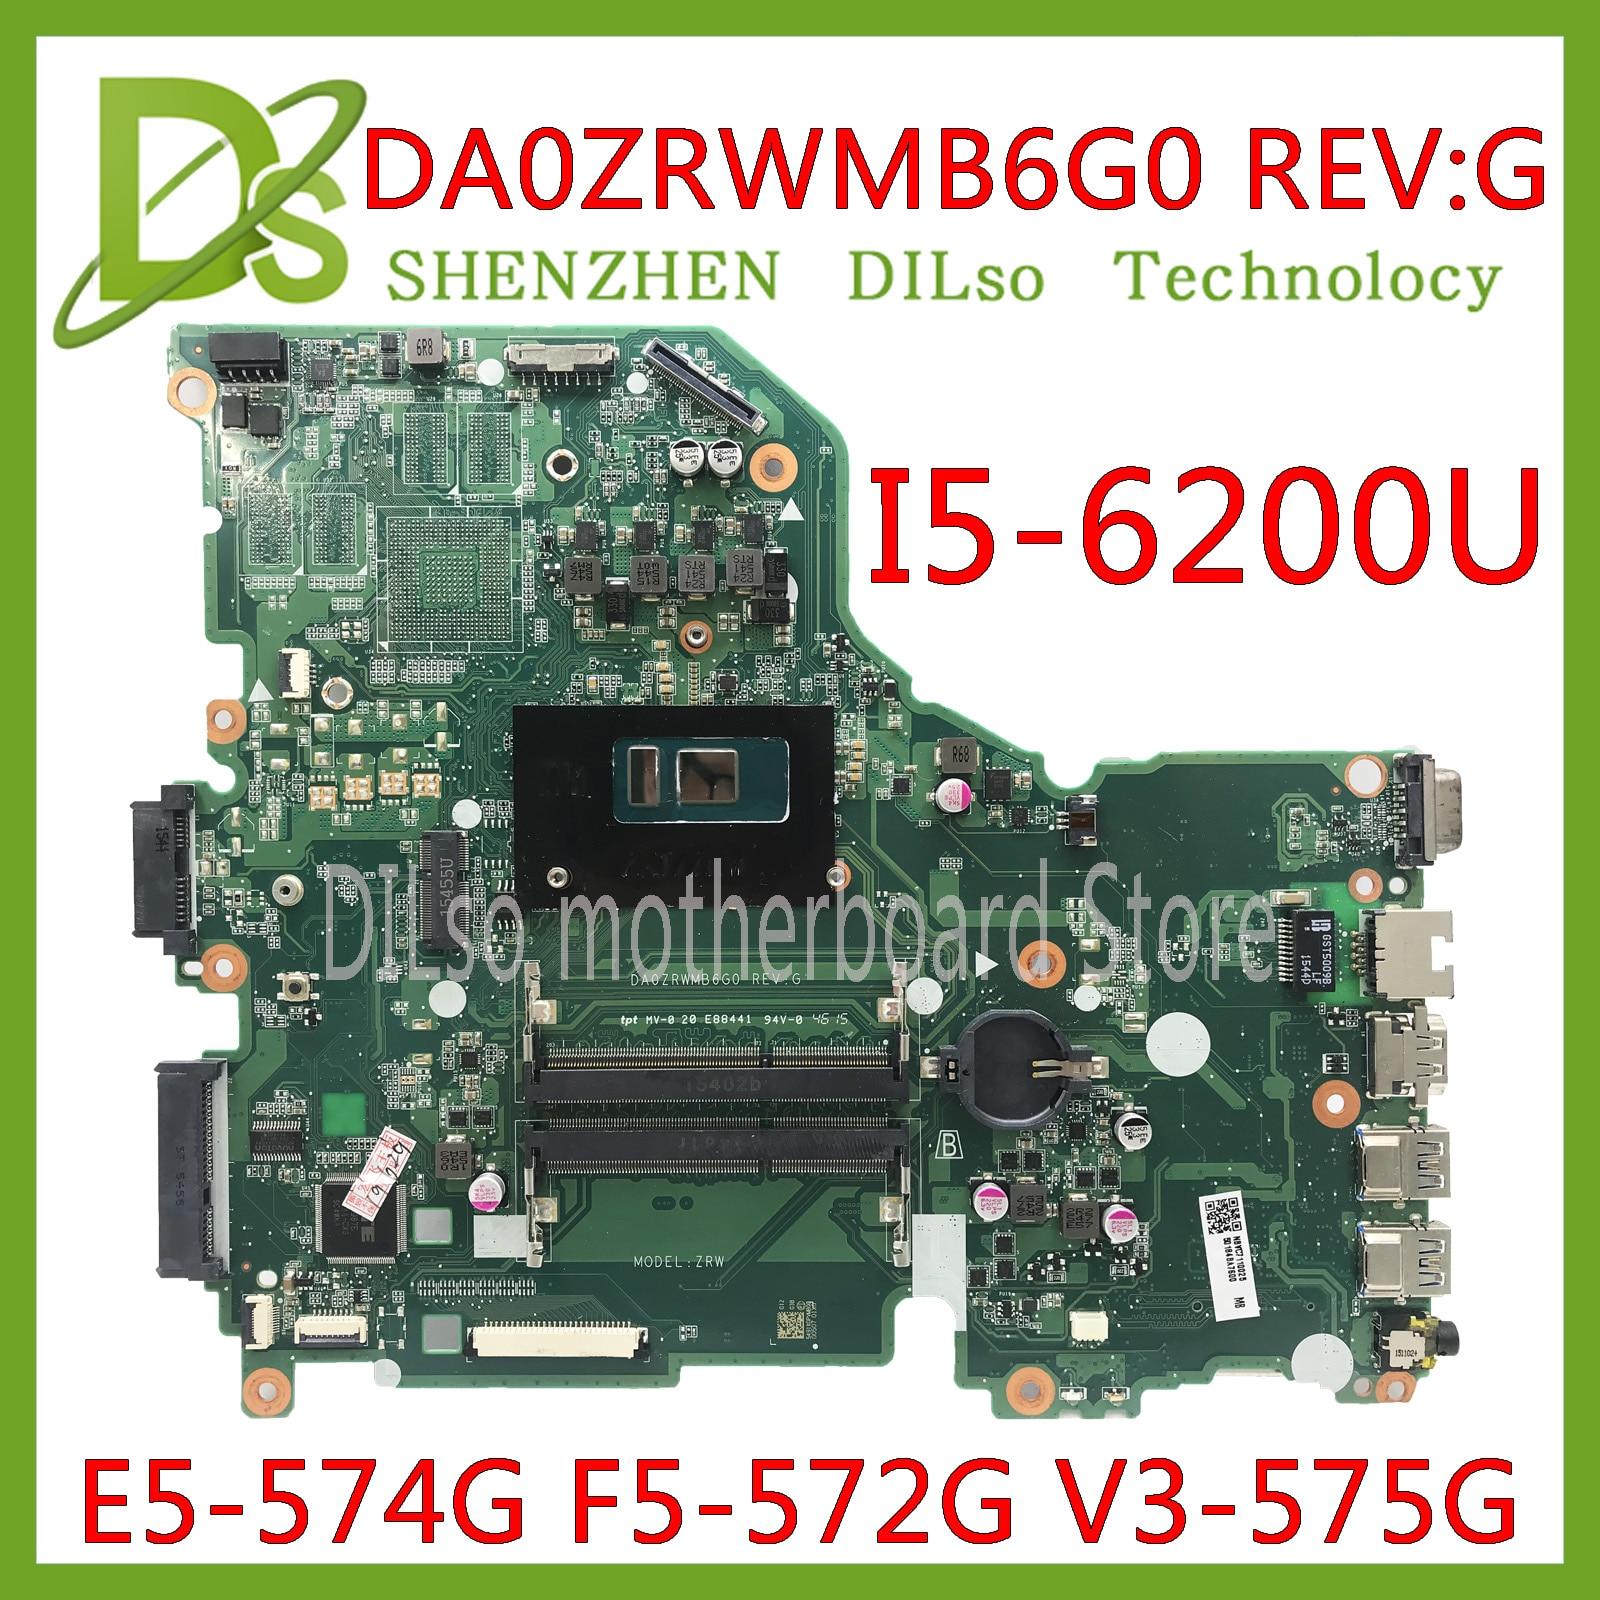 KEFU E5-574G V3-575G Motherboard mainboard Para Acer Aspire E5-574 E5-574G F5-572 V3-575 I5-6200U CPU DA0ZRWMB6G0 Teste original